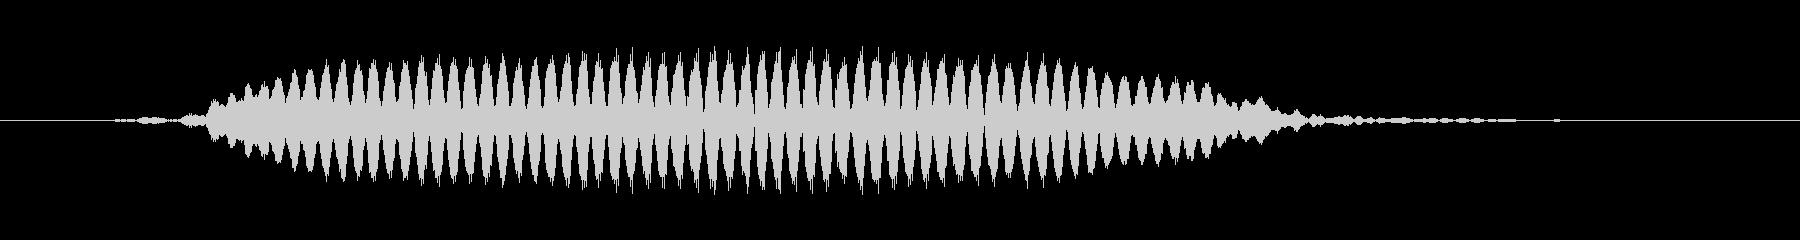 「ピィッ」サッカーフリーキック合図の笛の未再生の波形